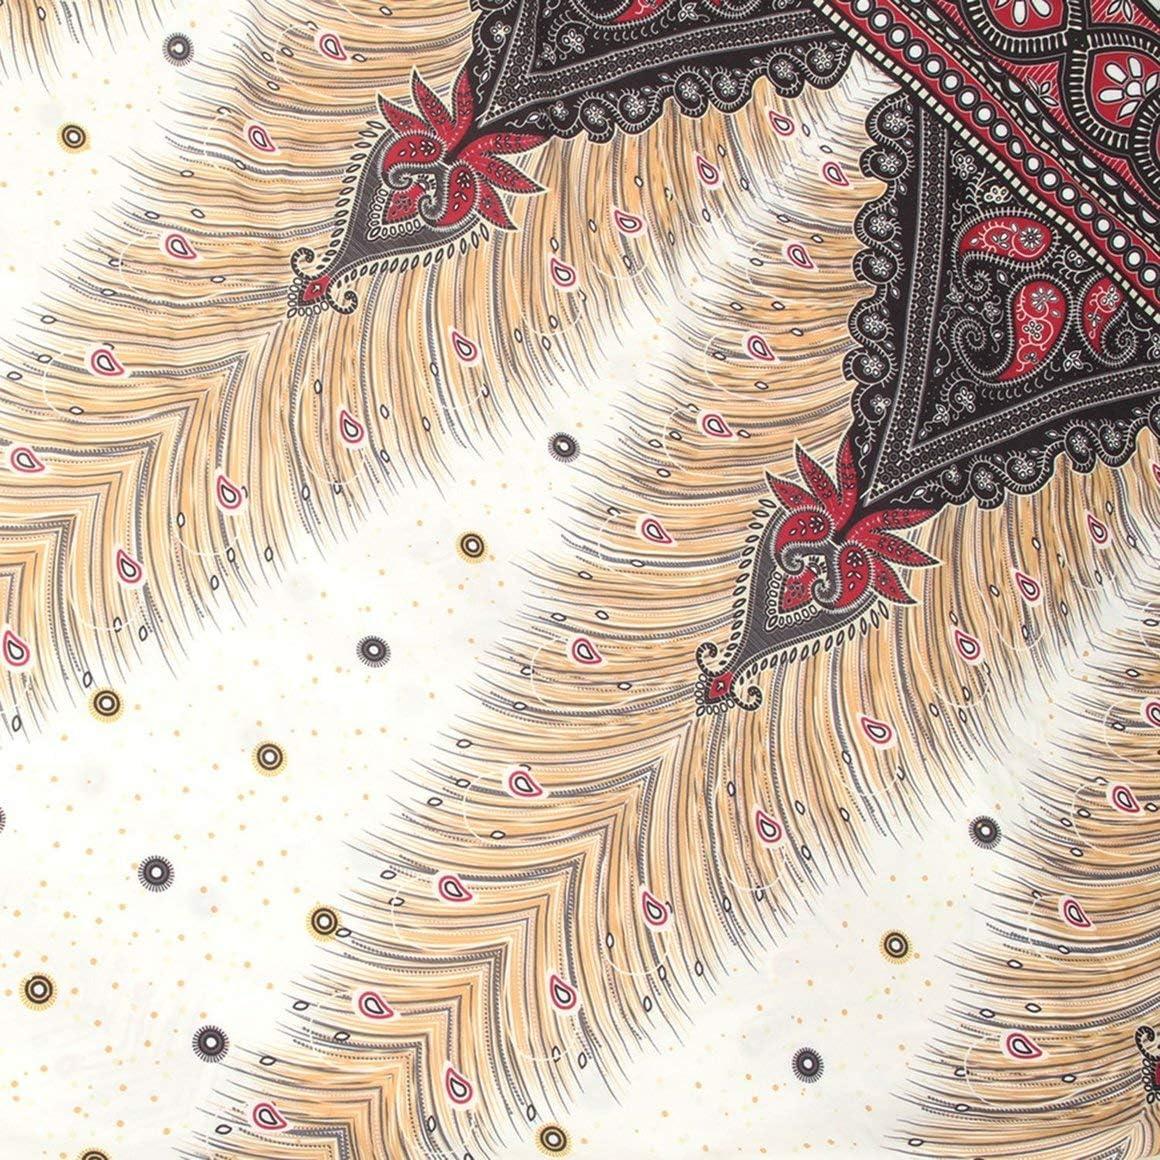 Paperllong Ethnique Style 3D Imprimer Inde Danse du Ventre Pantalon Large Jambe Harem Mode Yoga Pantalon L/âche Fitness Pantalon pour Femmes